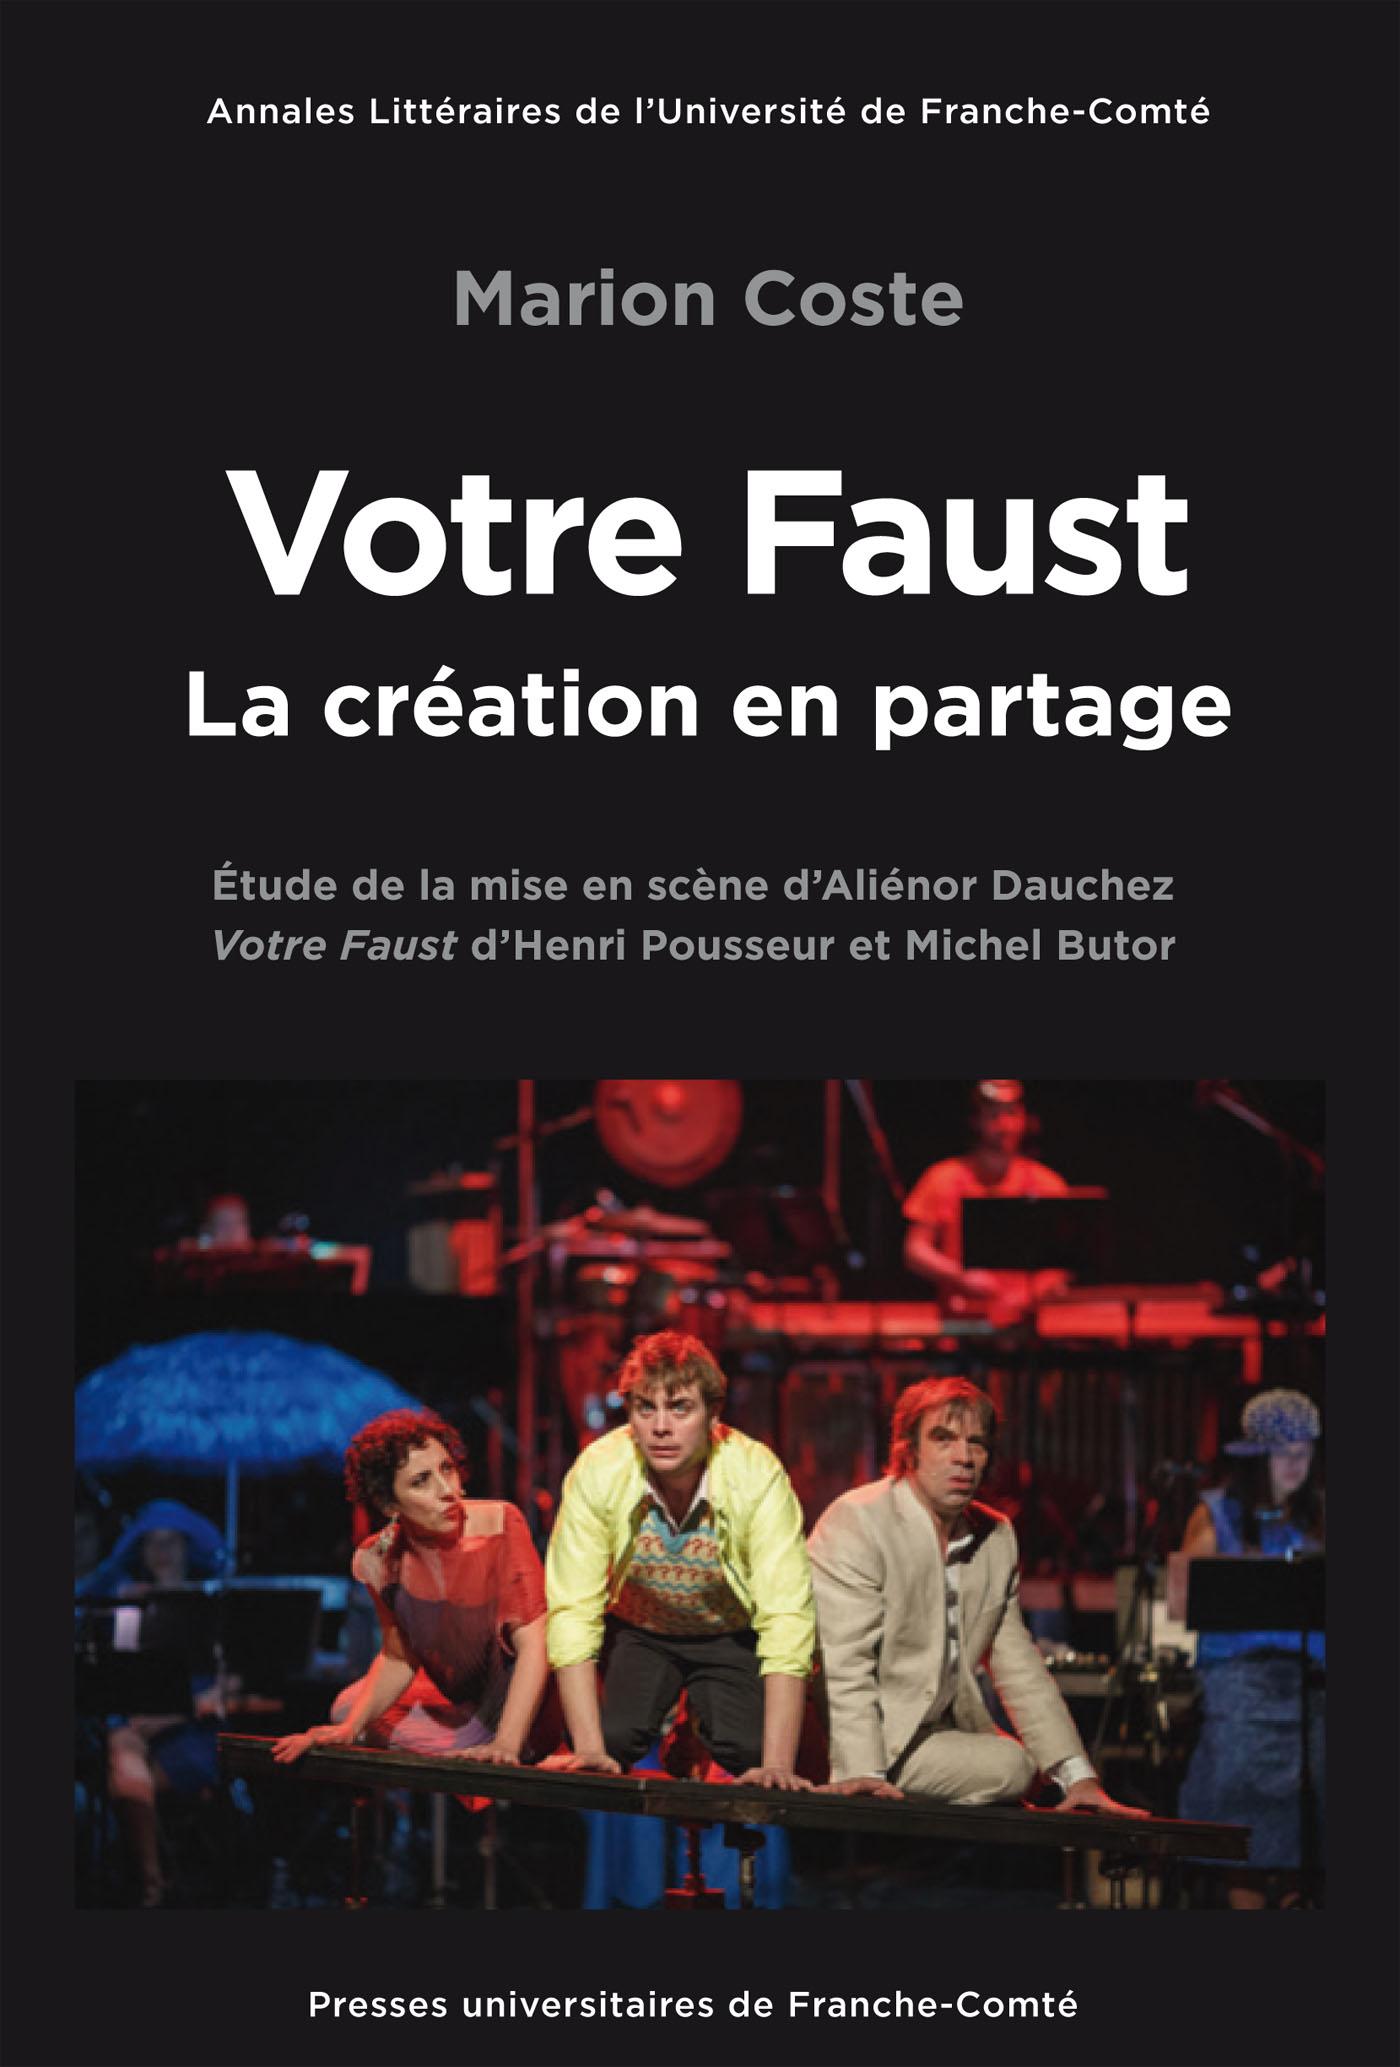 M. Coste, Votre Faust, la création en partage. Étude de la mise en scène d'Aliénor Dauchez : Votre Faust d'Henri Pousseur et Michel Butor